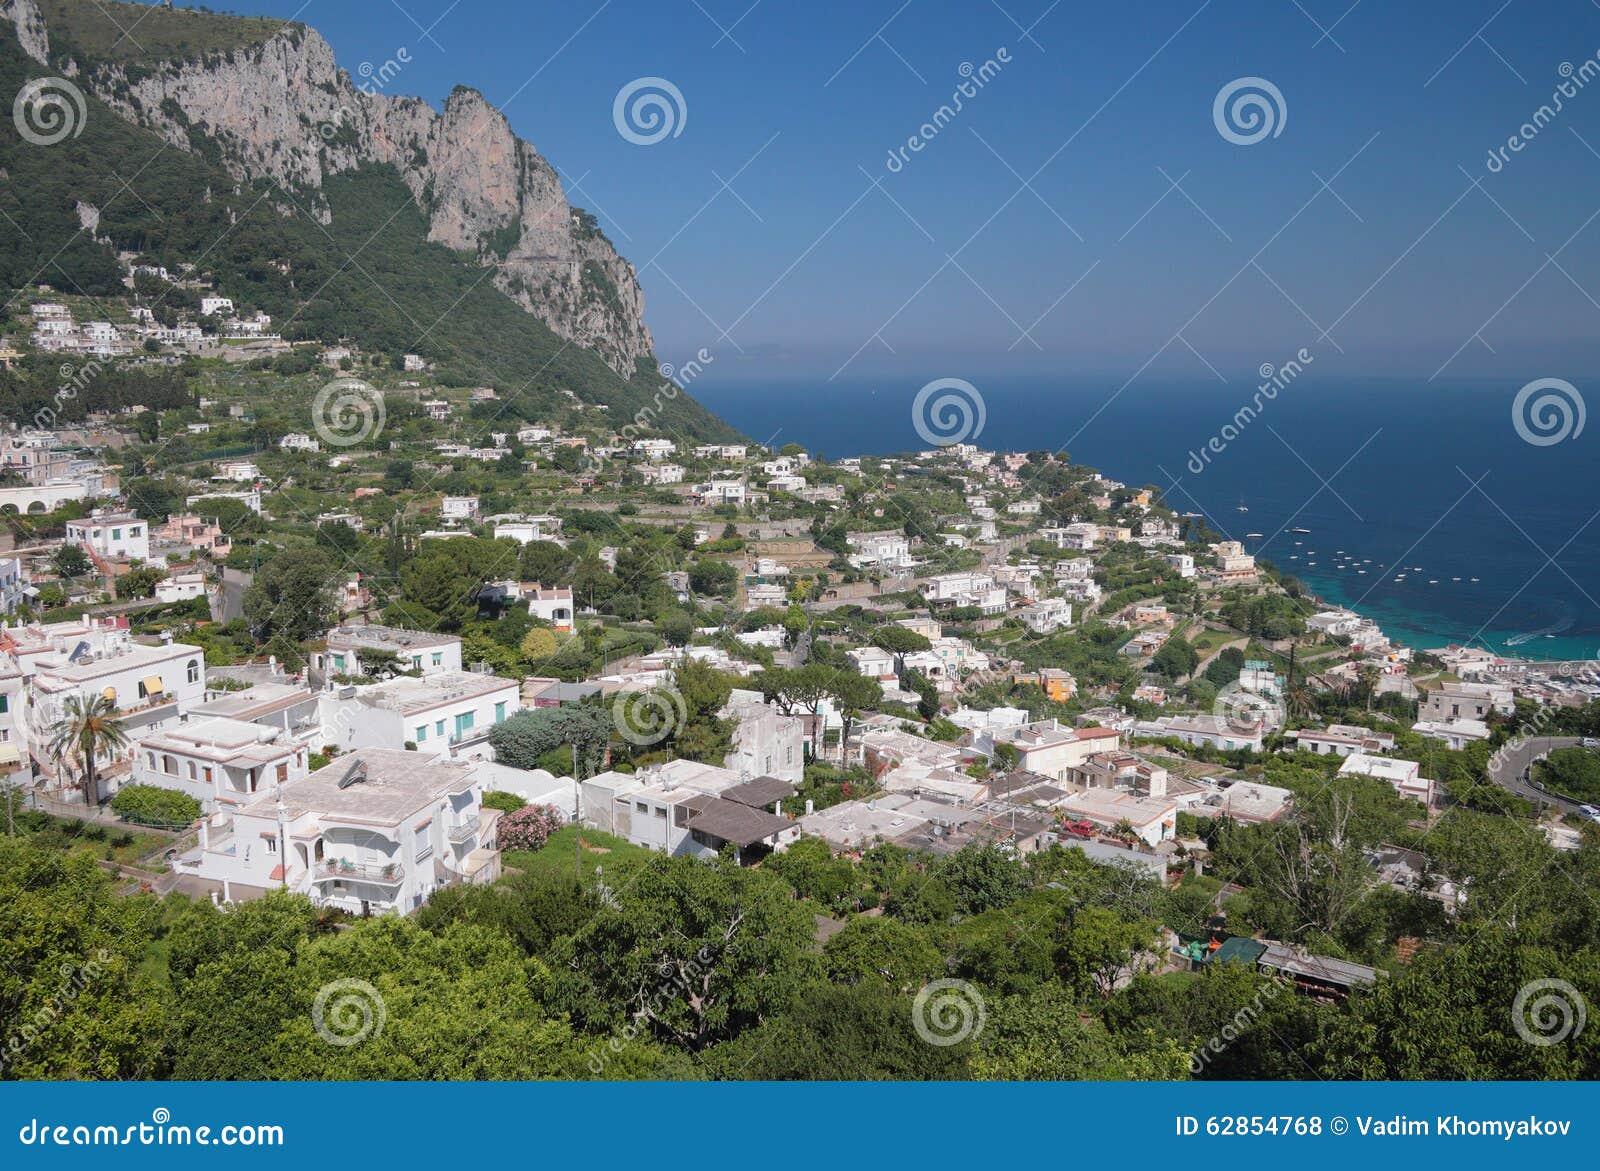 Best Soggiorno A Capri Photos - Design Trends 2017 - shopmakers.us